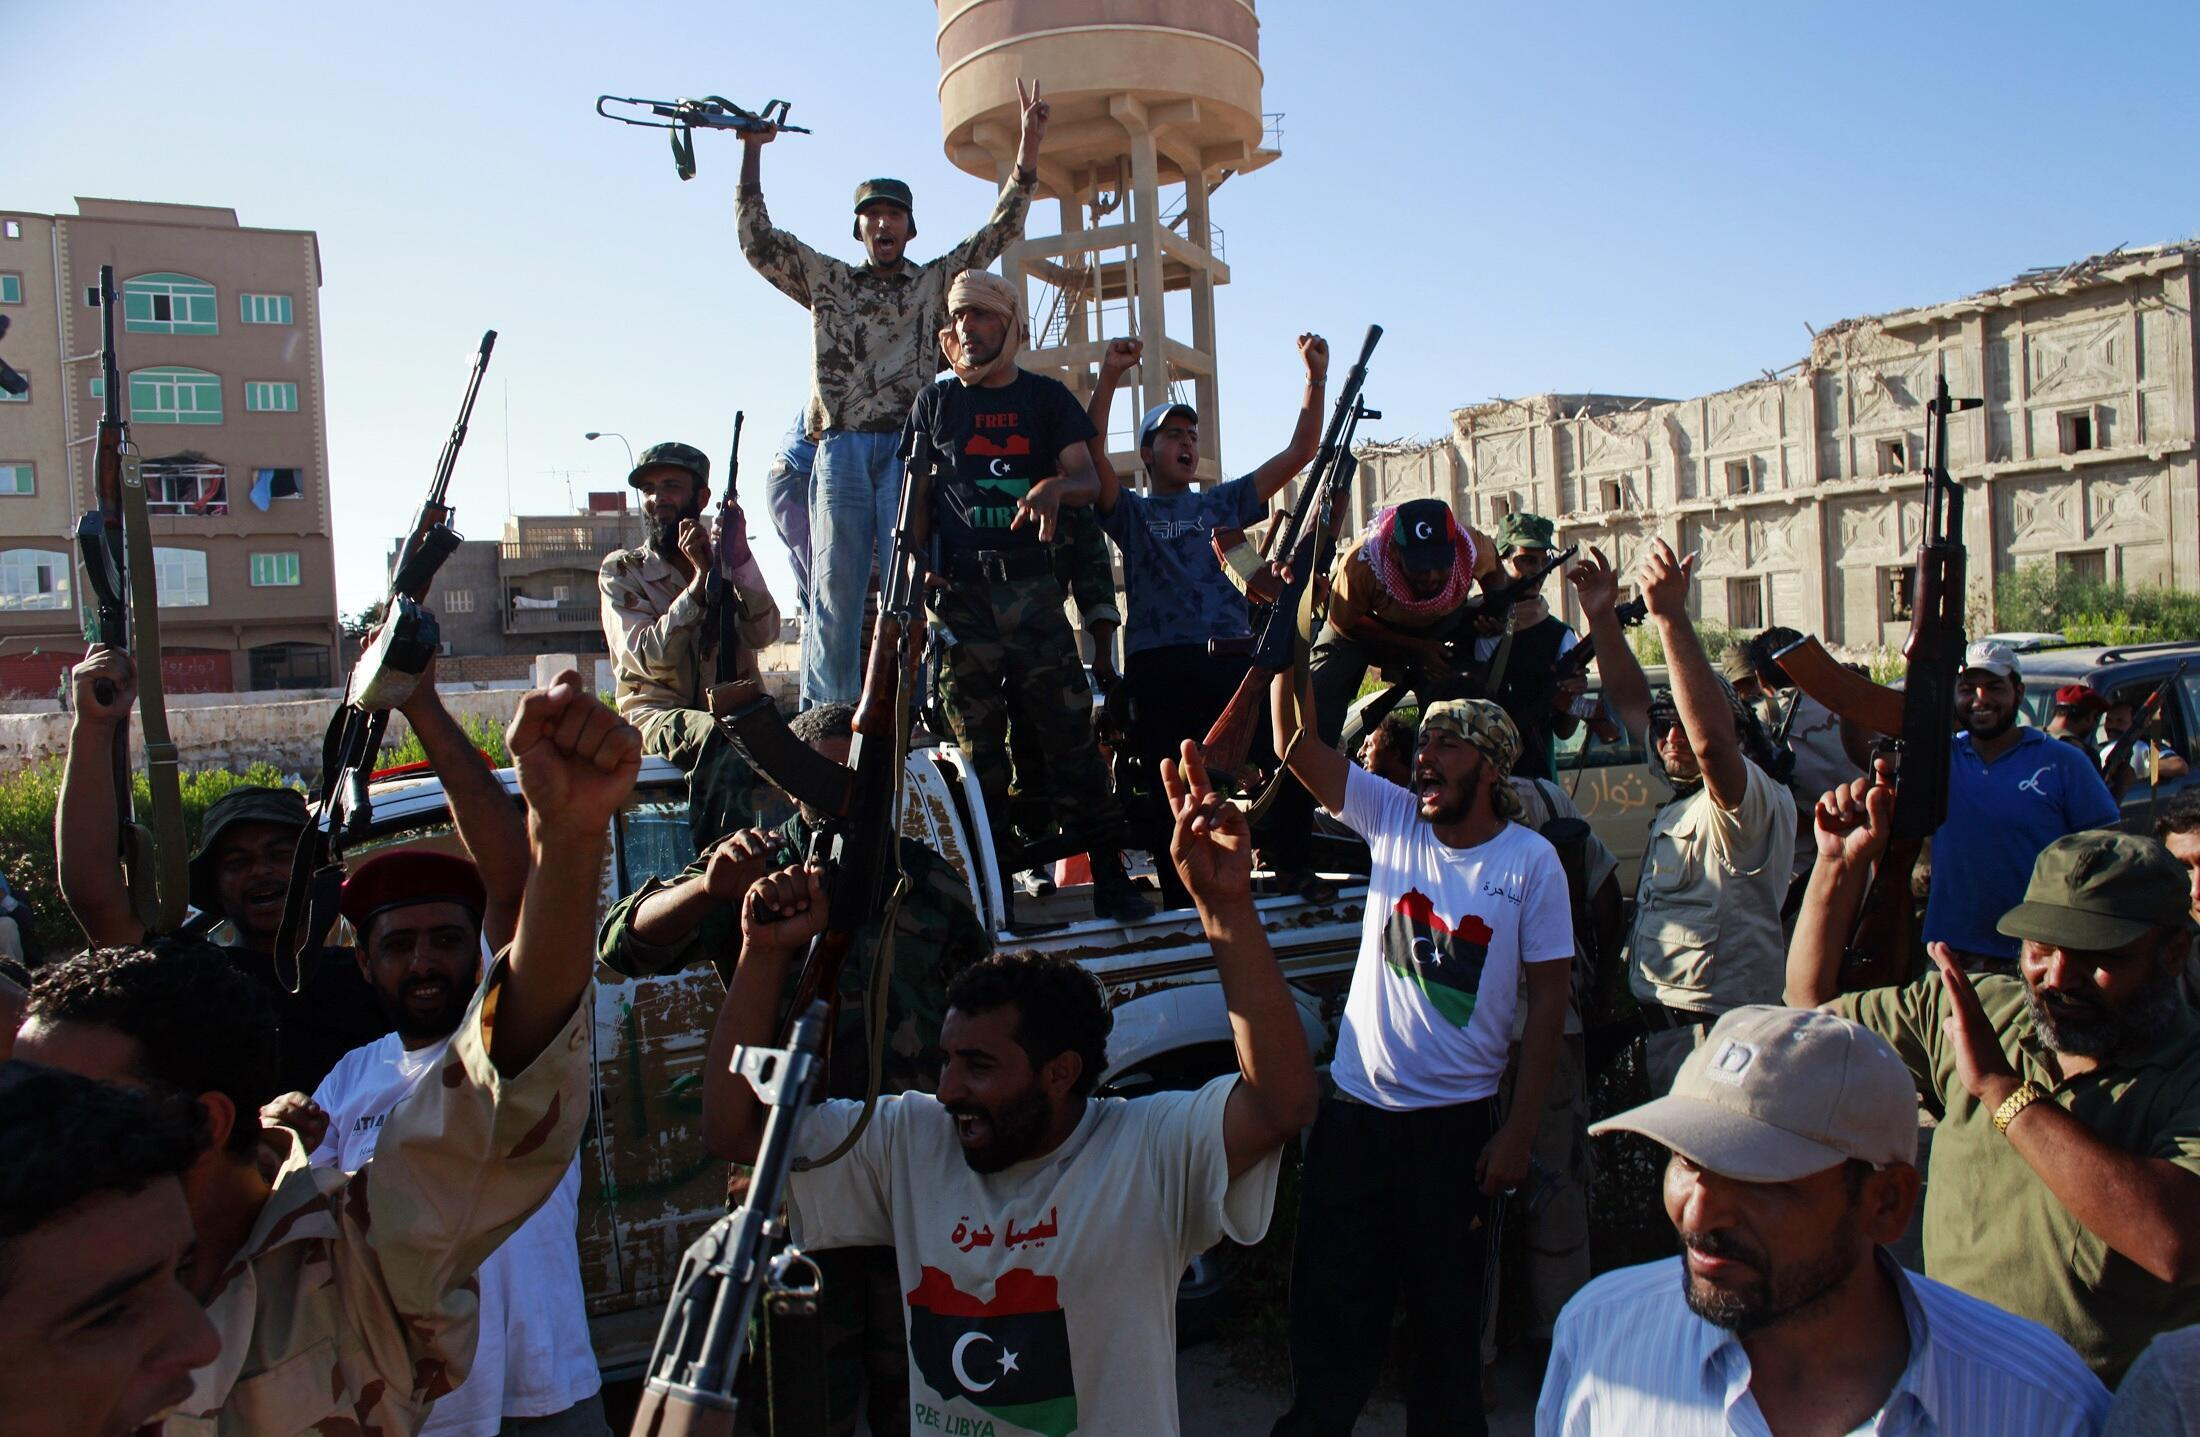 Los rebeldes celebran la toma de control de la ciudad de Sabratha a 65 km de la capital, el pasado 18 de agosto